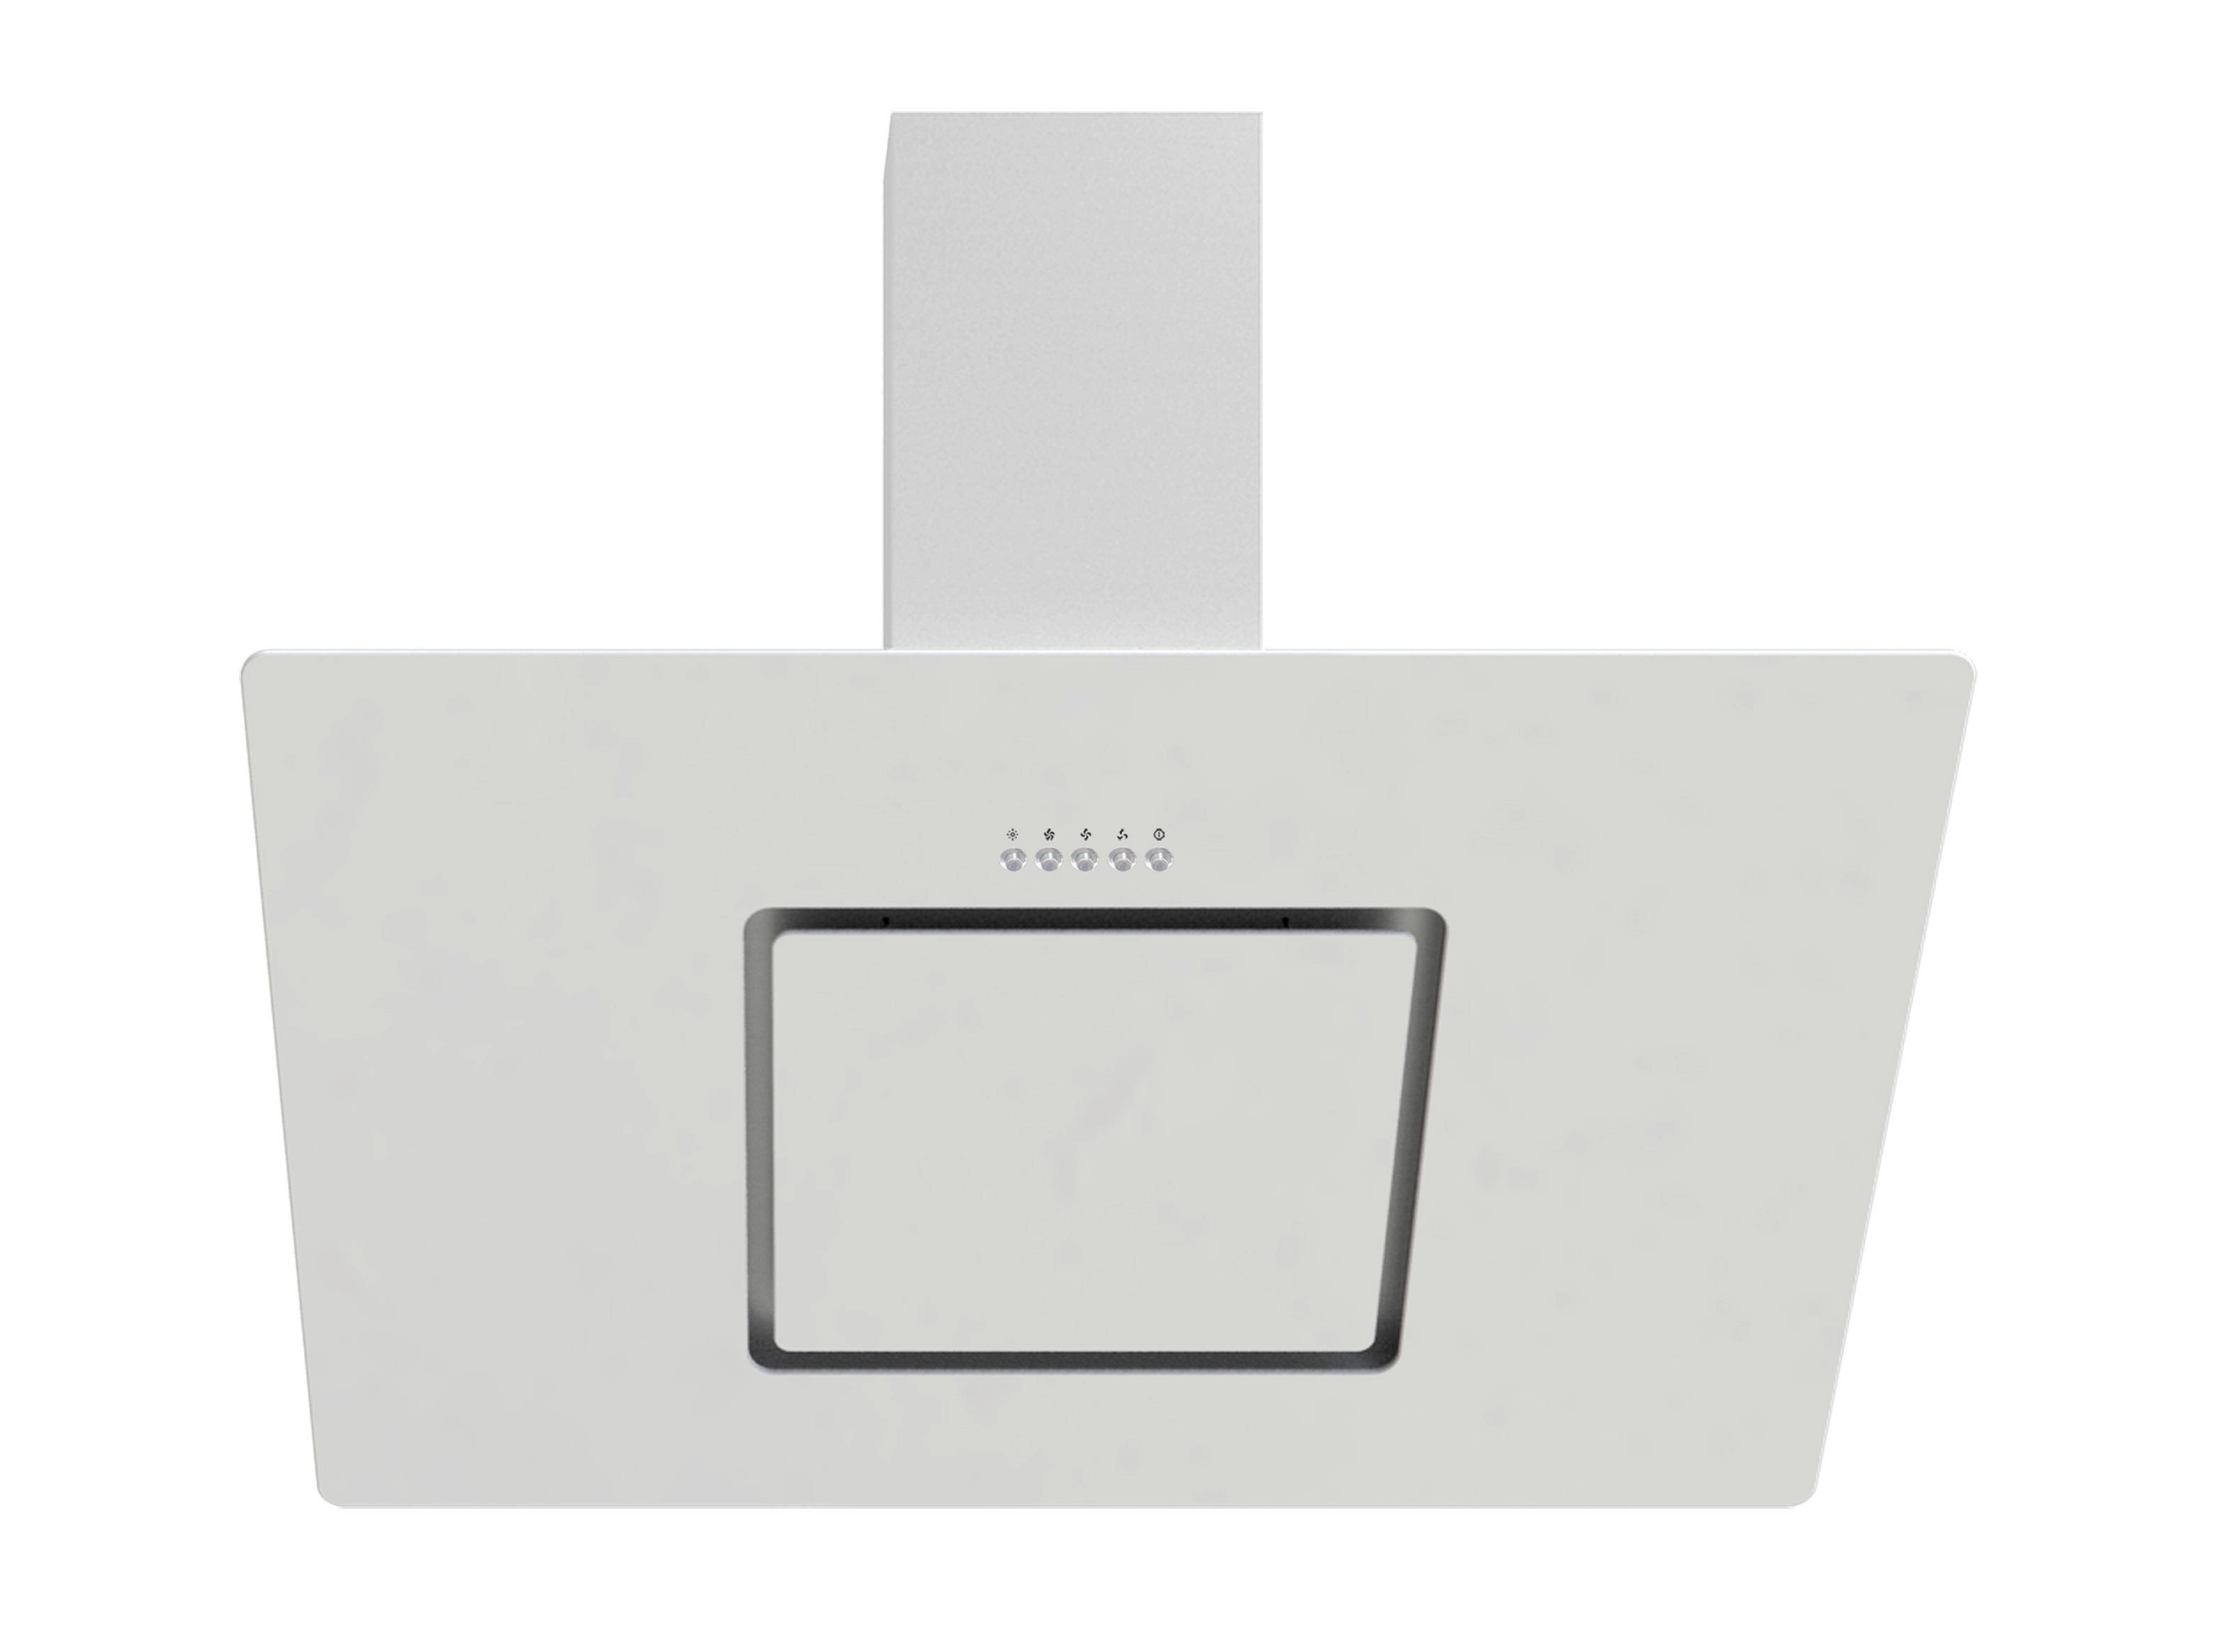 Dunstabzugshaube Ch22010/90wx - Weiß, MODERN, Glas/Metall (90/80,6-110,6/33,7cm)